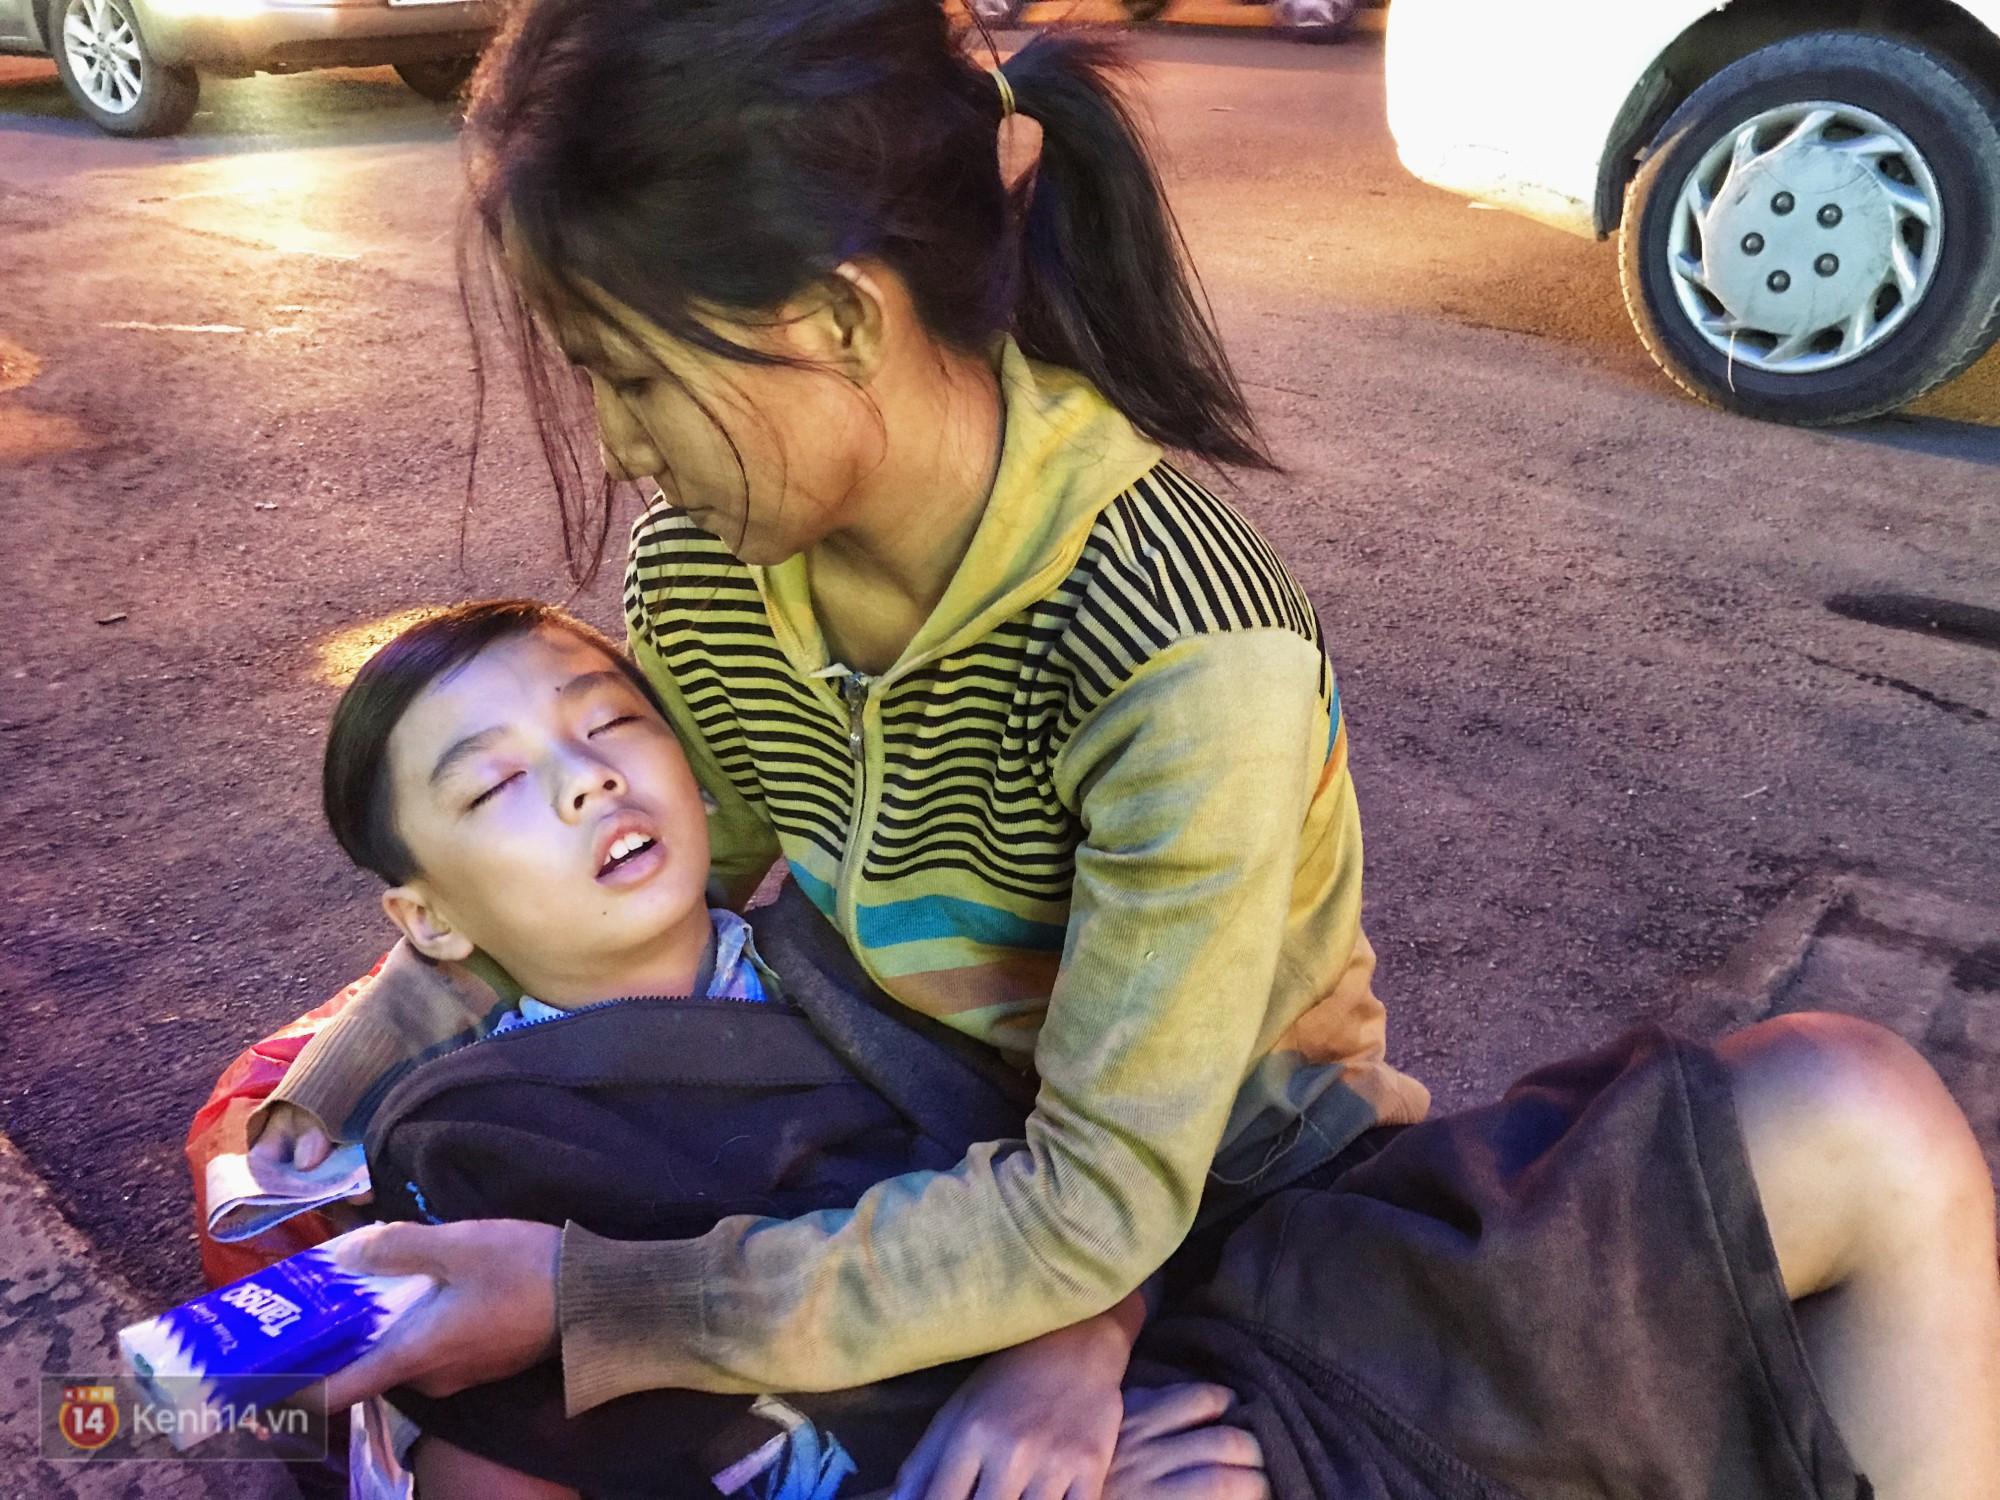 Phía sau bức ảnh cậu bé học bài trên vỉa hè cạnh chợ Bến Thành Sài Gòn: Không giấy tờ, không nhà cửa thì đi học làm sao... - Ảnh 7.